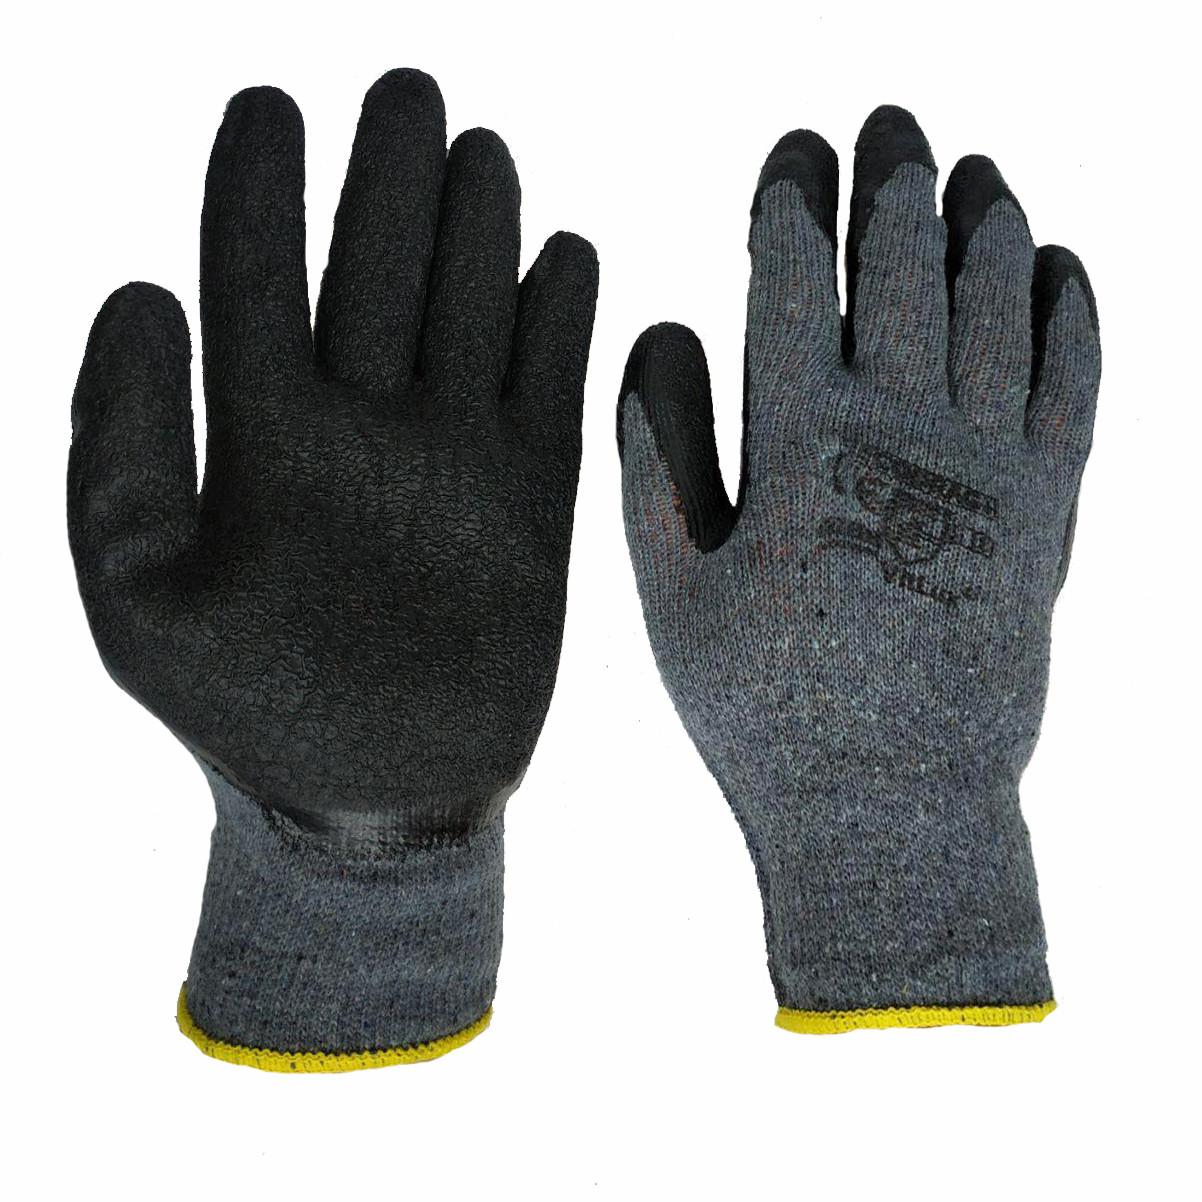 Перчатки рабочие из полимерных материалов REGODRAG, вспененный нитрил, № 10, уп. — 12 пар